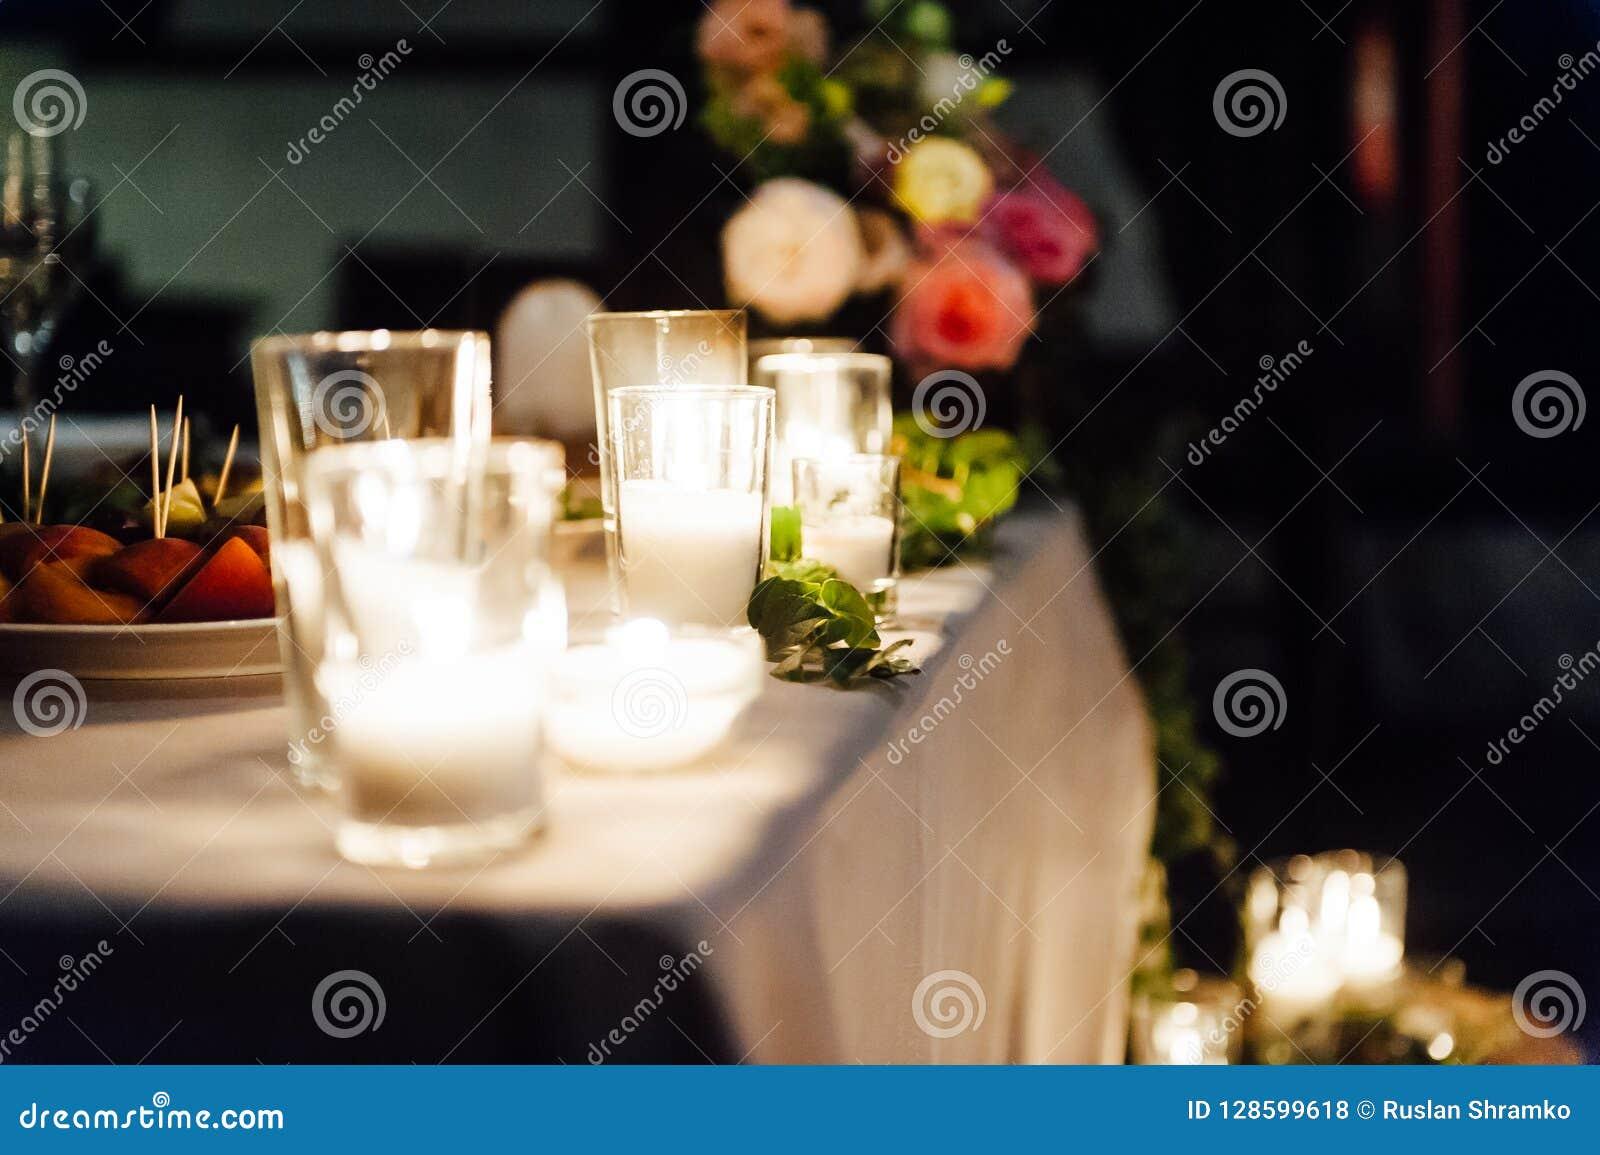 在木材背景的土气婚姻的装饰 新娘和新郎新婚佳偶的主表设置